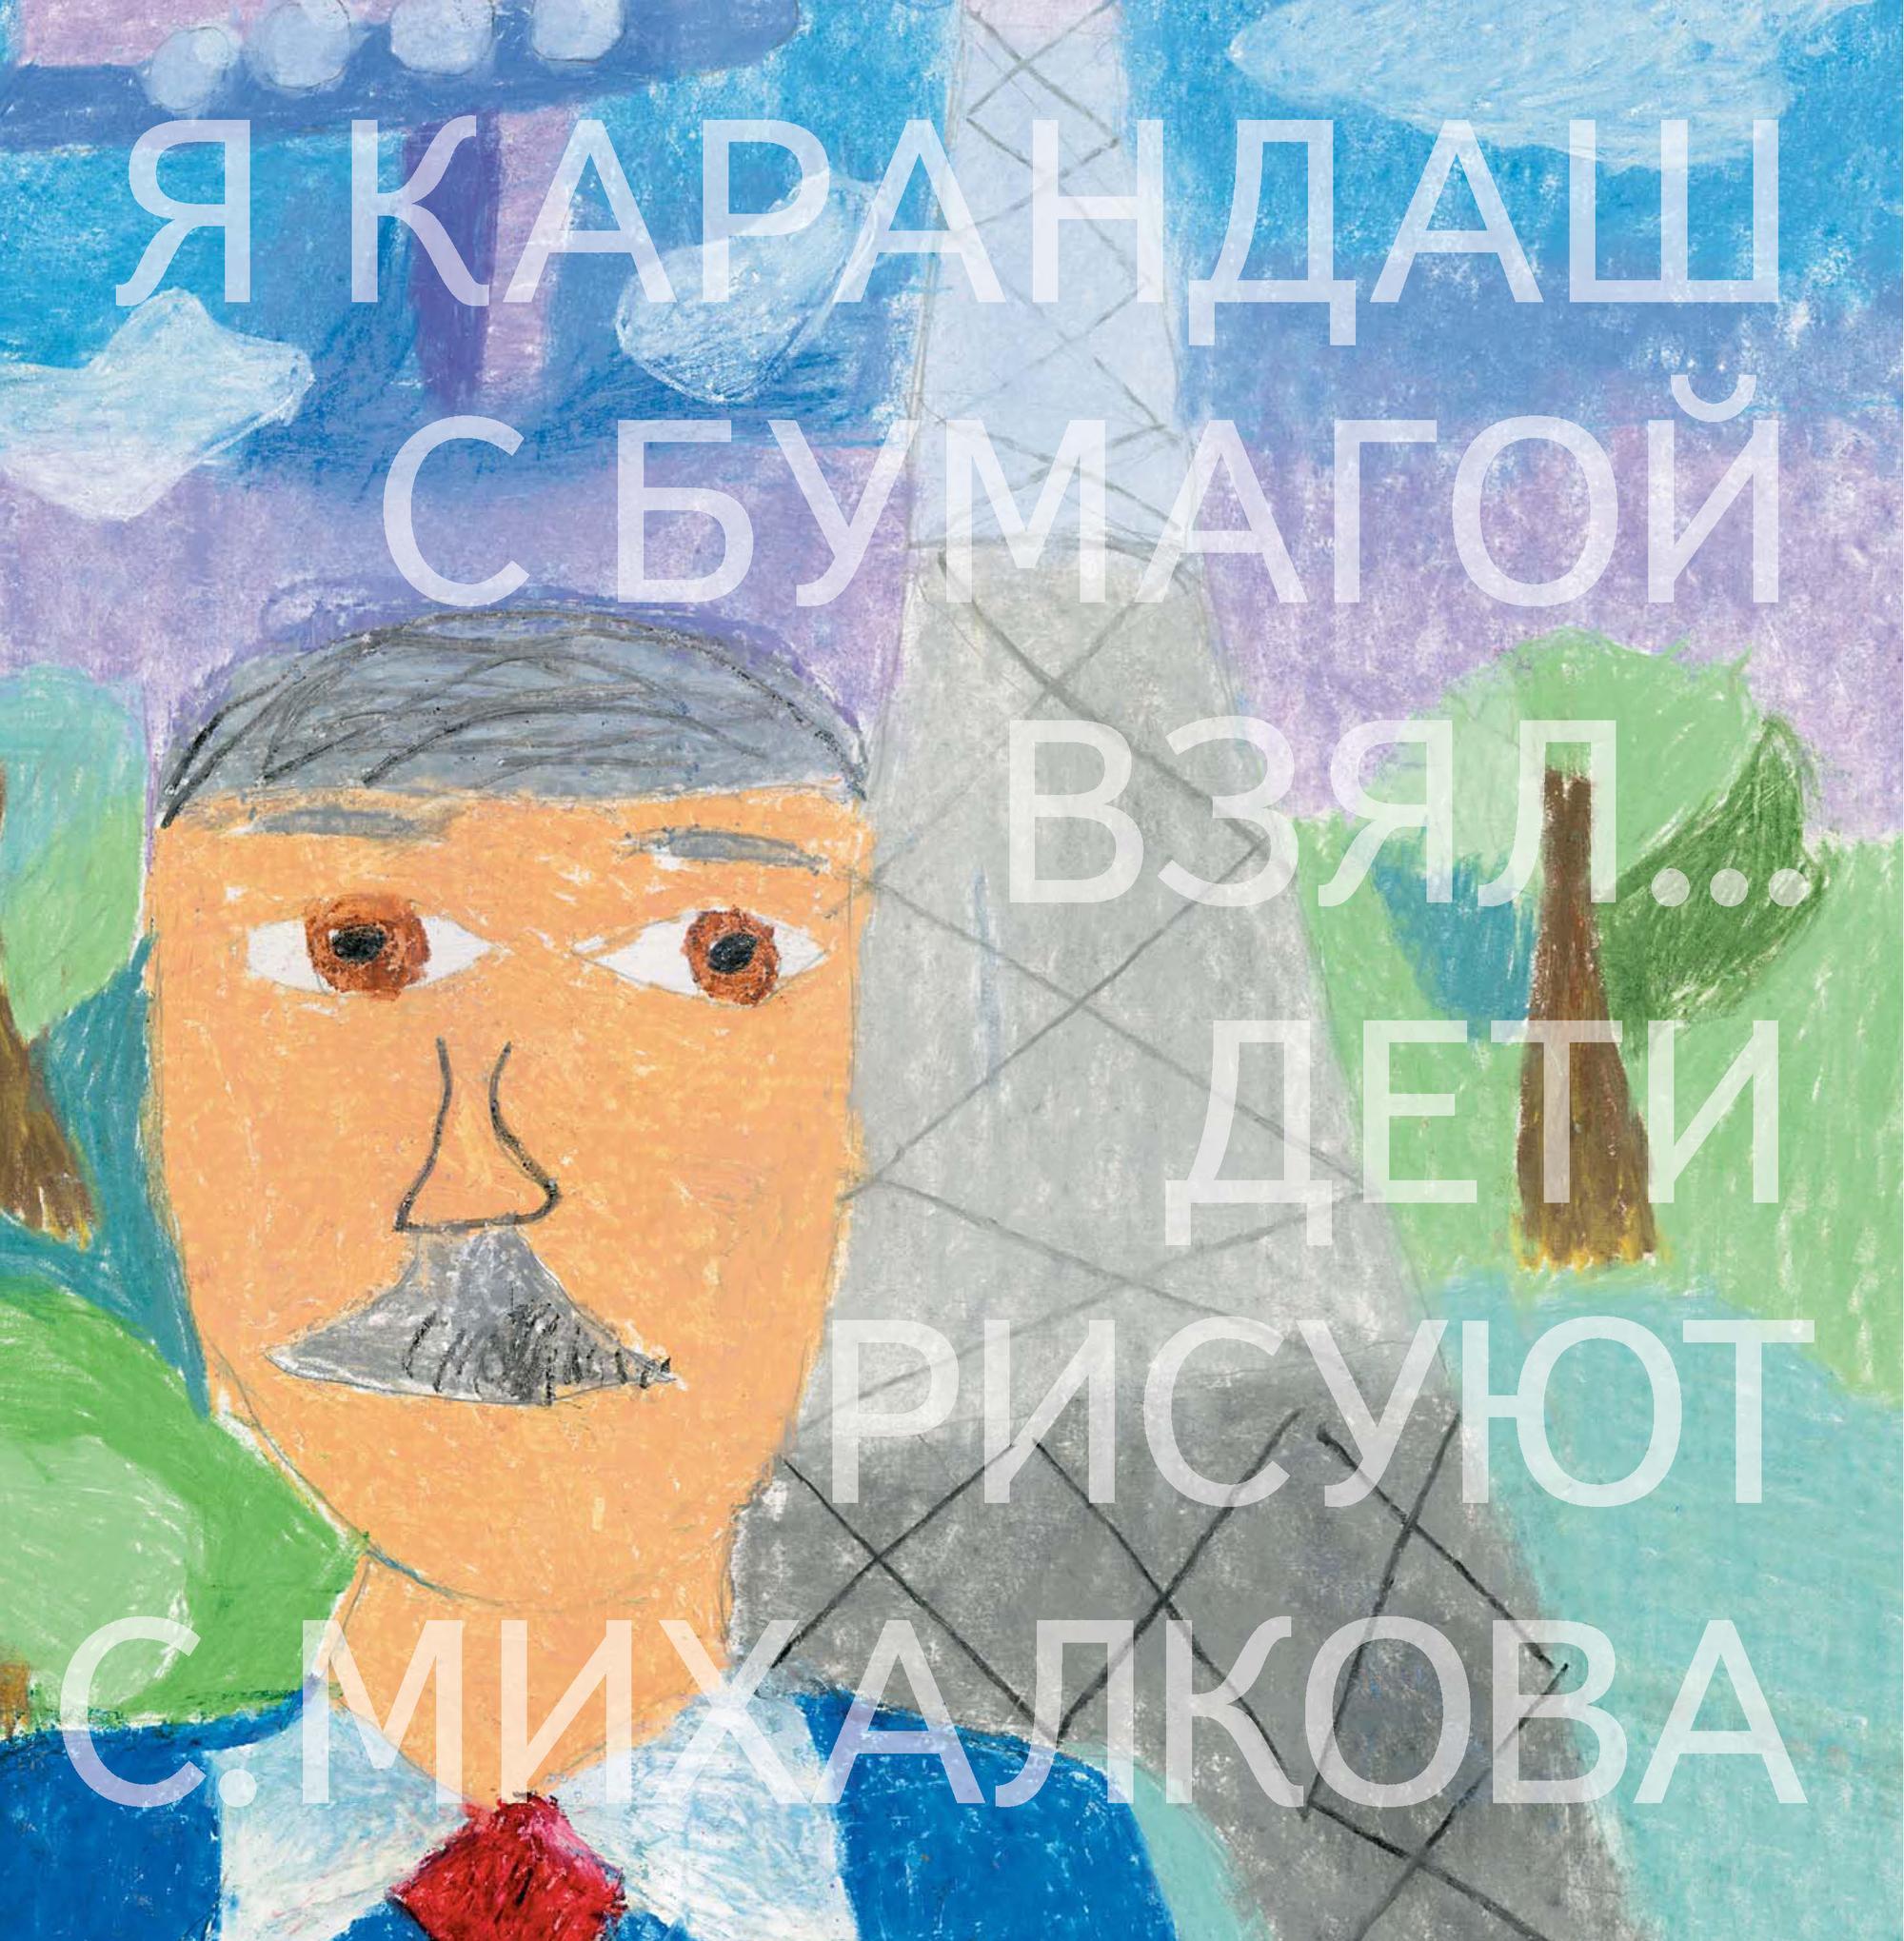 Я карандаш с бумагой взял… Дети рисуют С. Михалкова